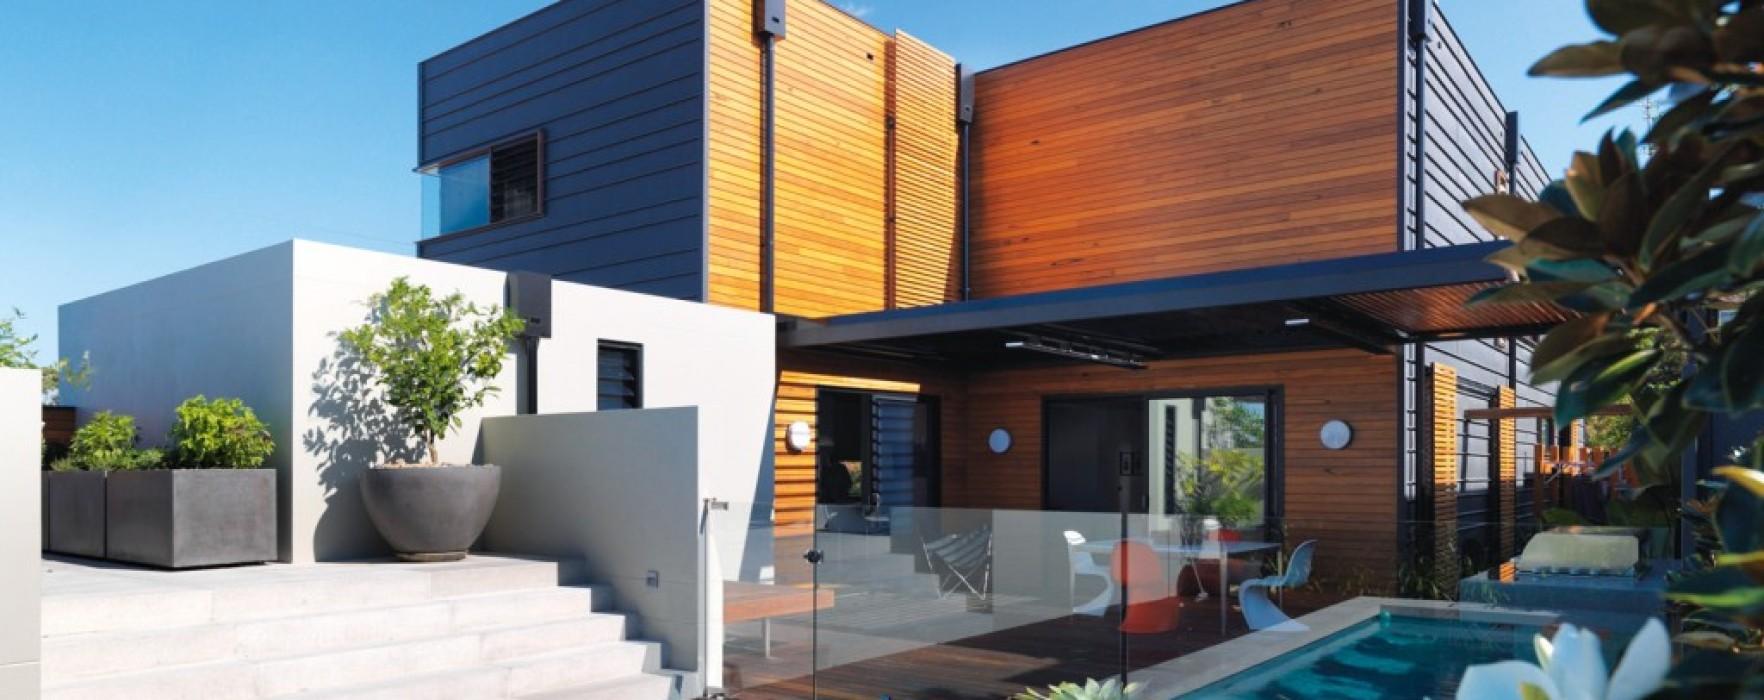 Perch costruire una casa prefabbricata in legno for Costruire una casa in legno